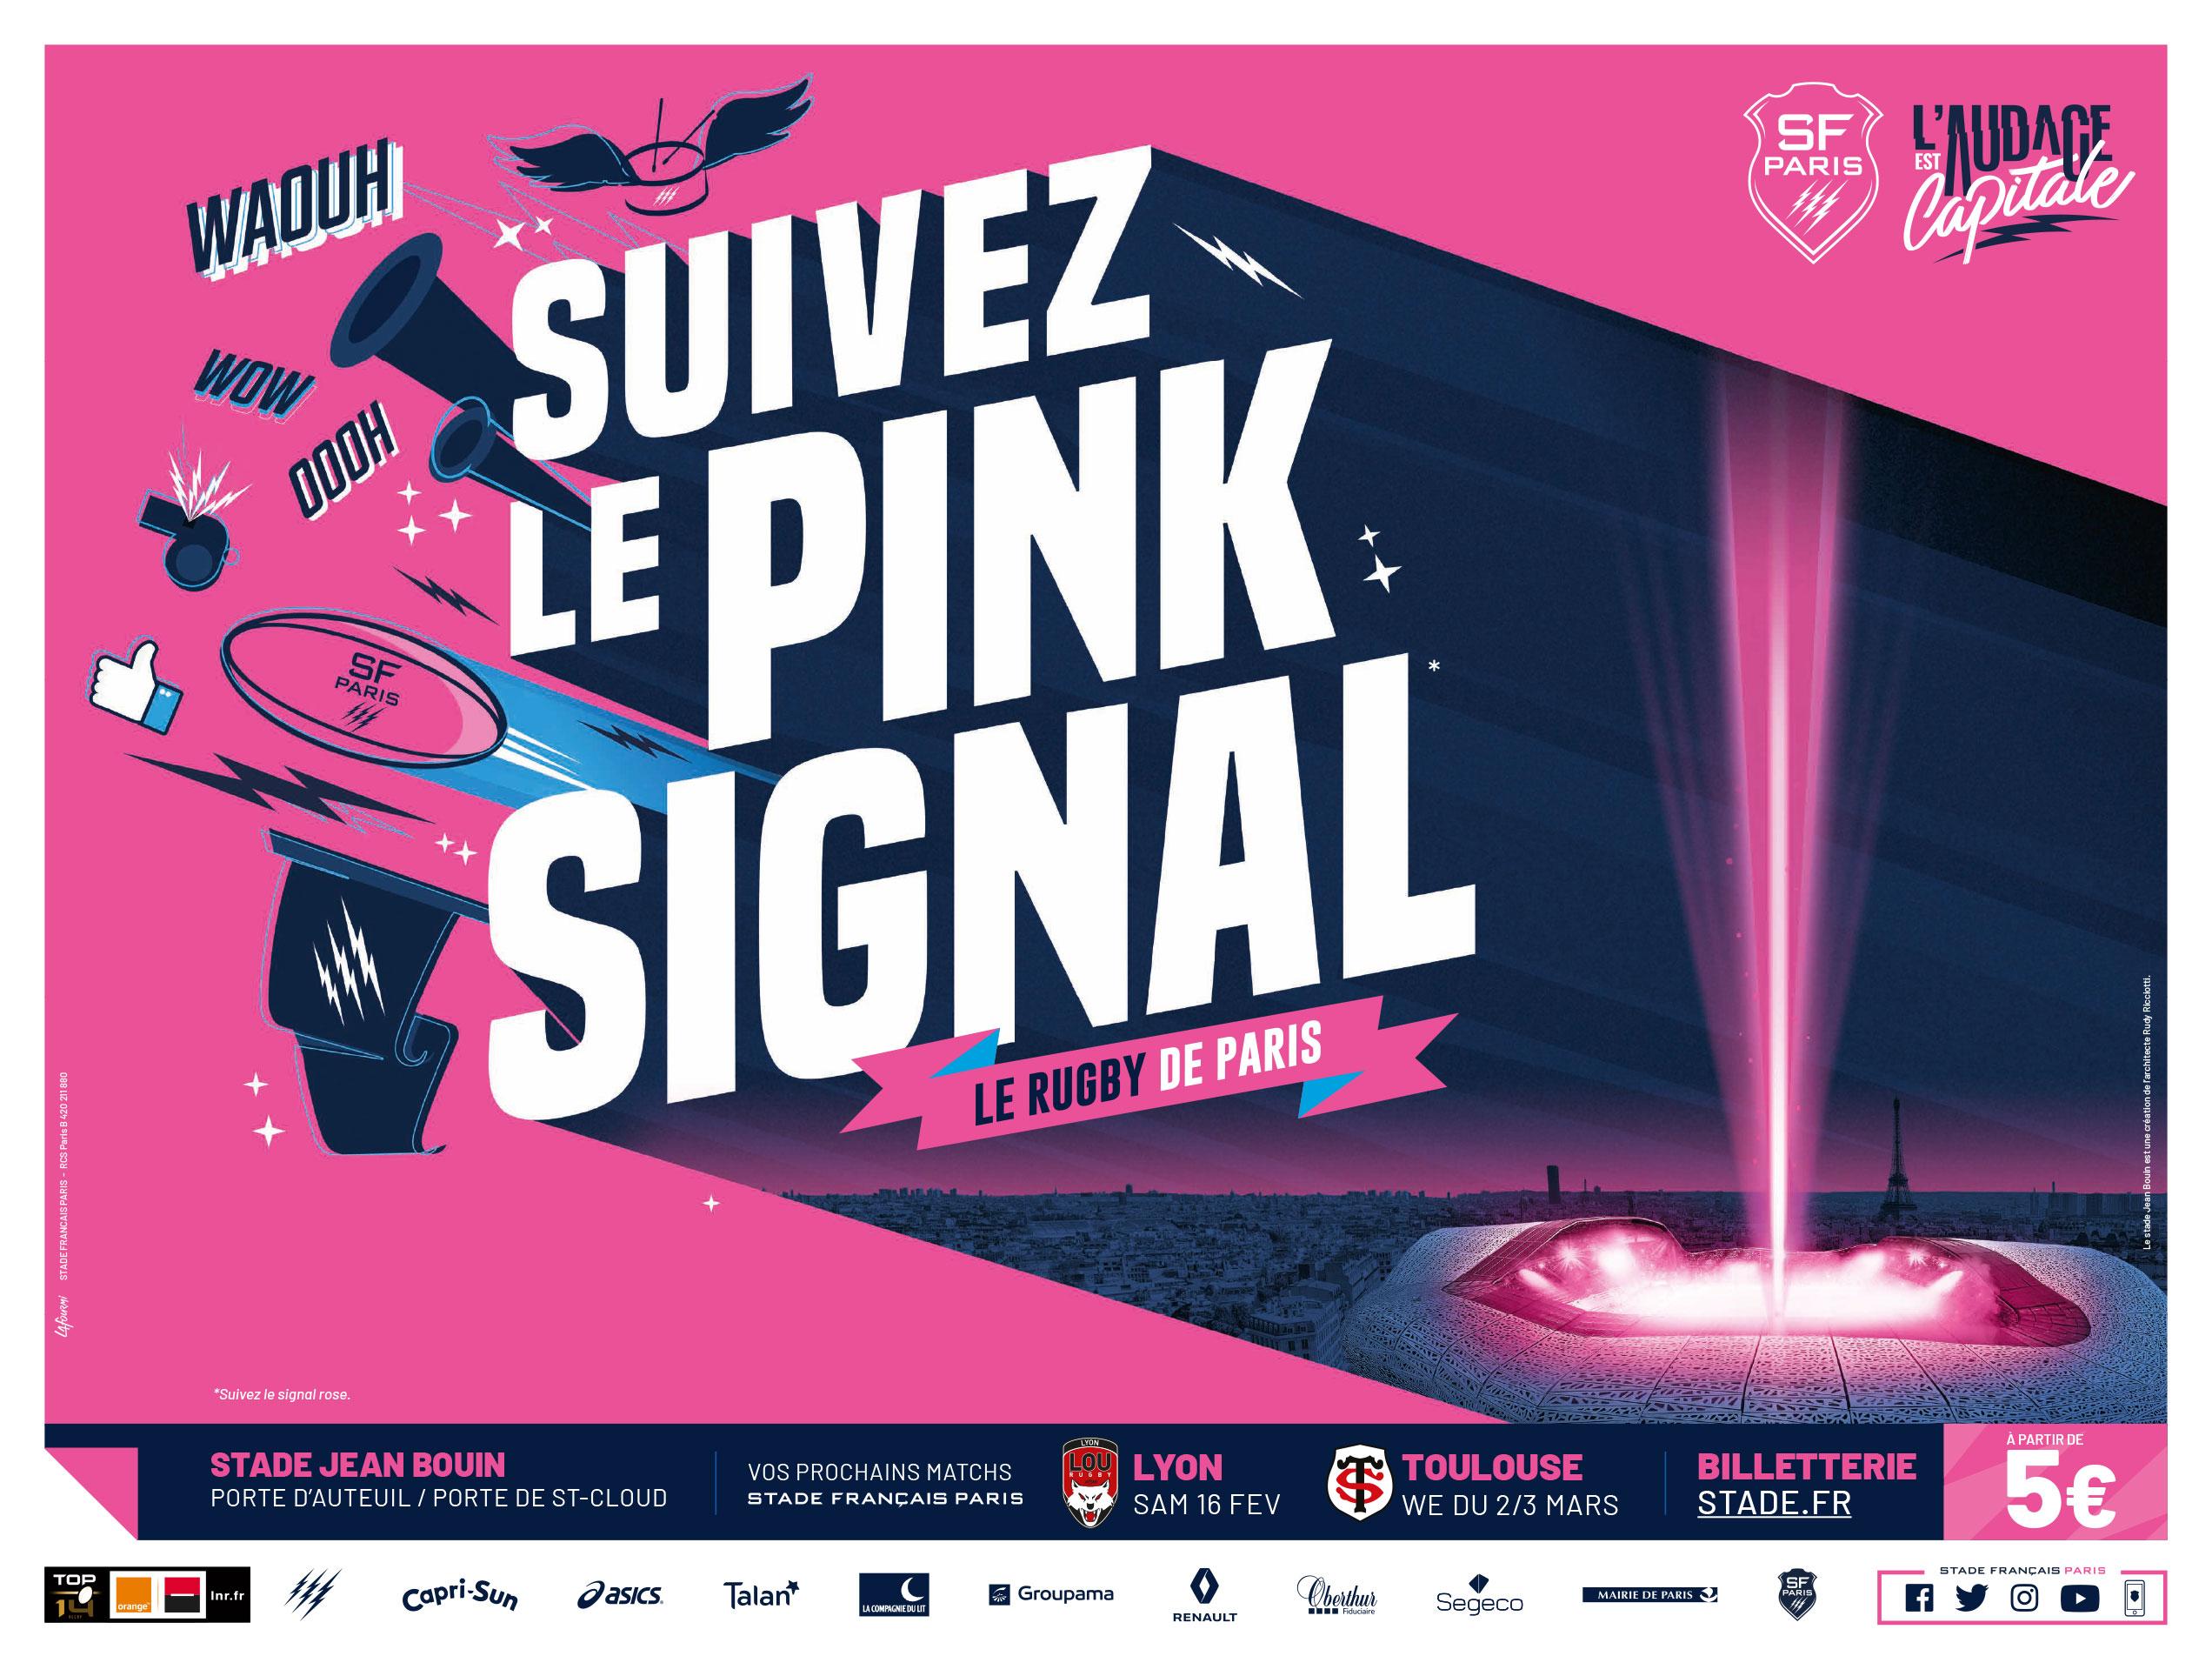 Projet_stade_francais_paris_l_audace_est_capitale_suivez_le_pink_signal